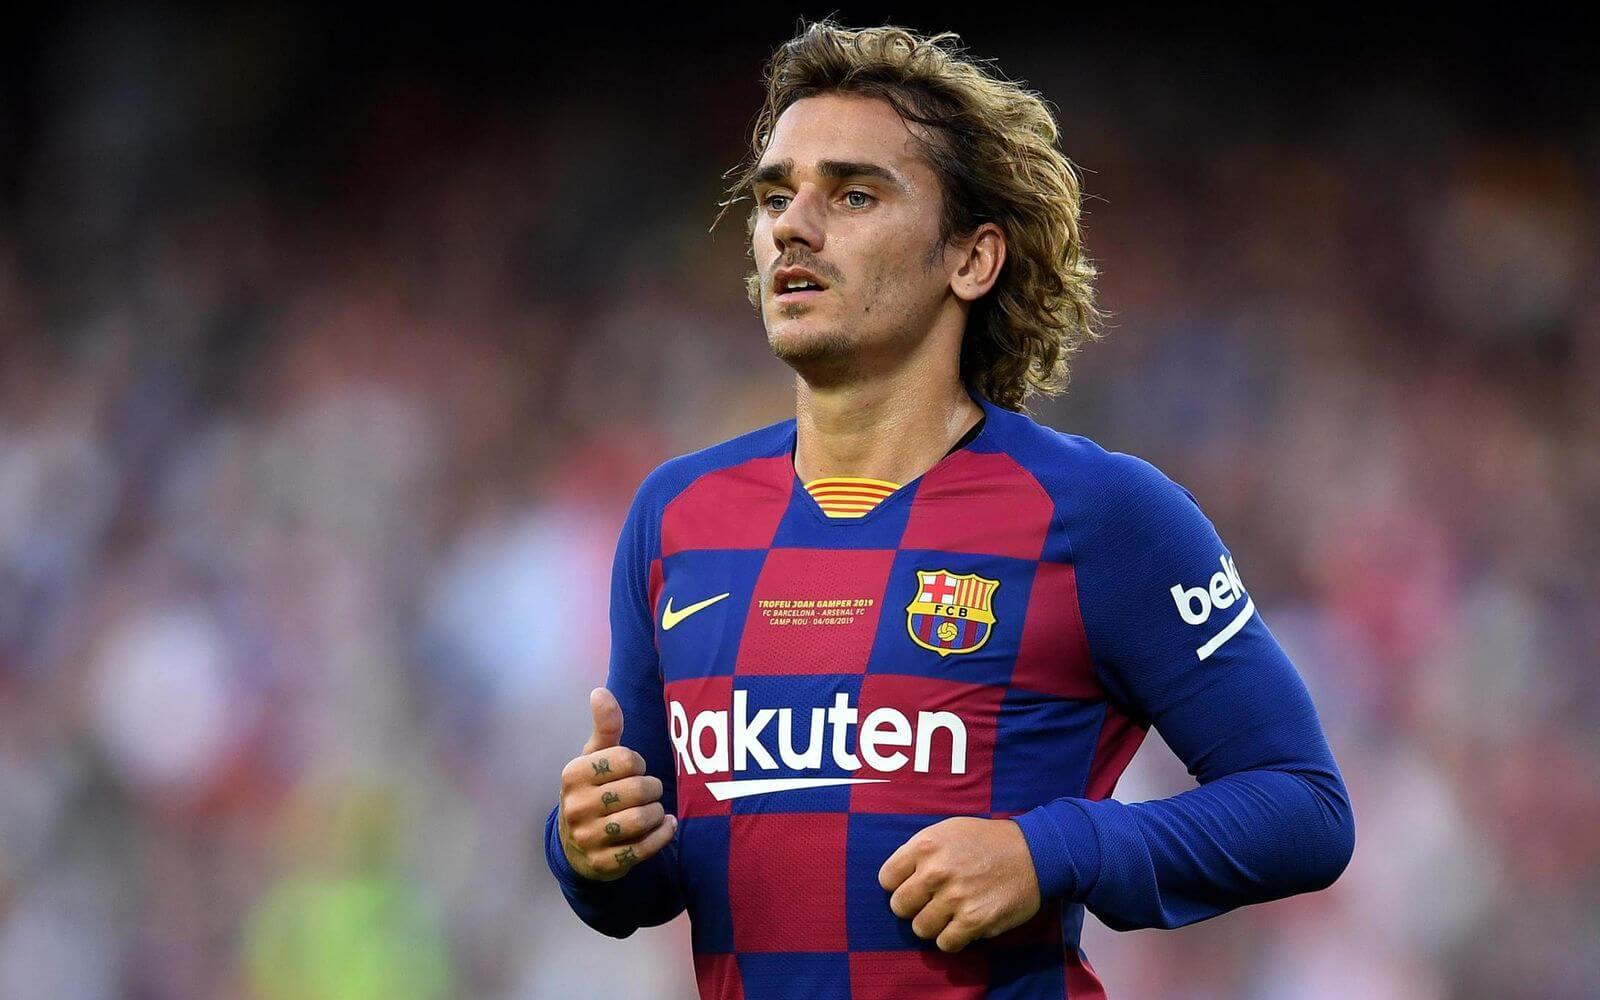 Останется или уйдет? В Барселоне определили судьбу одного из лучших игроков клуба